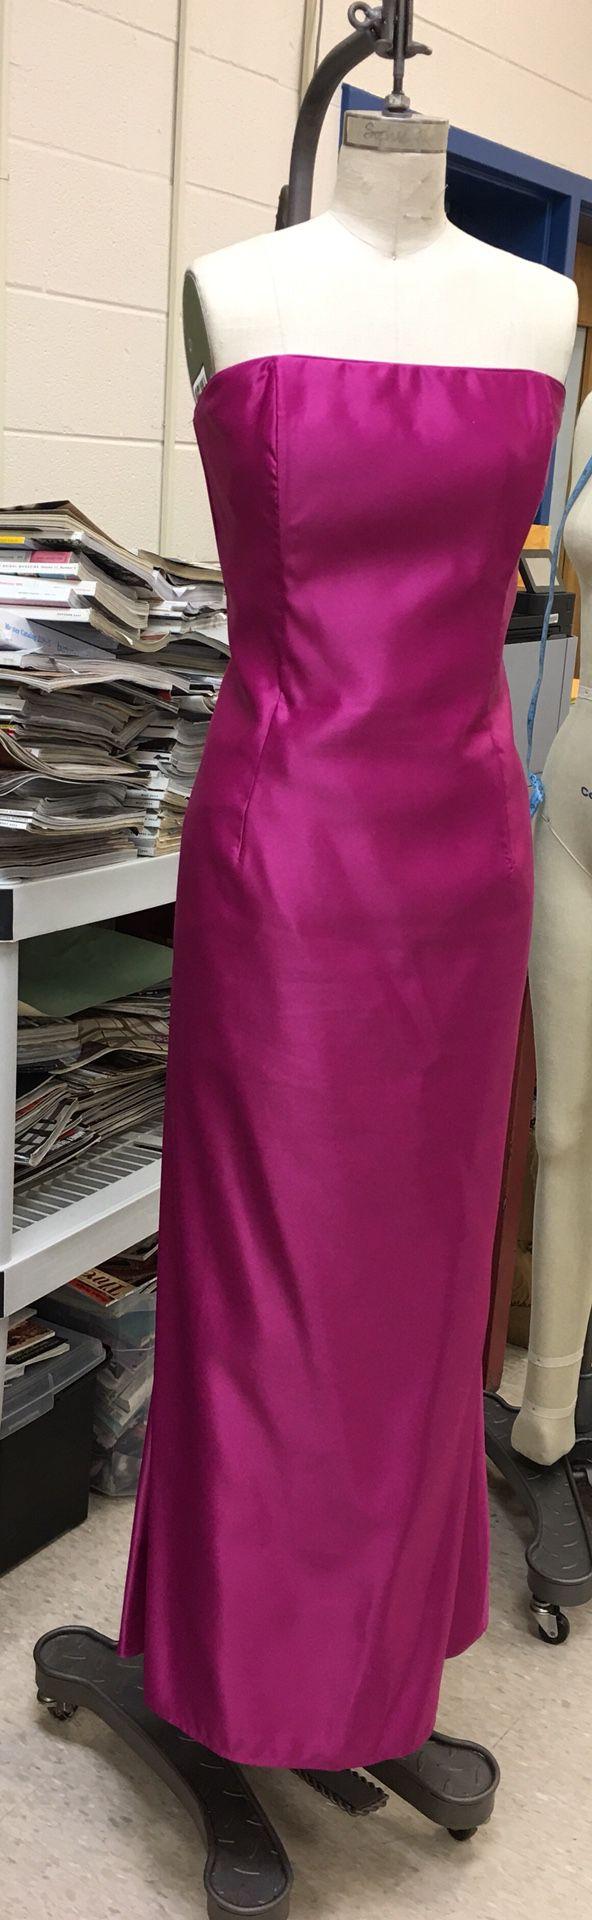 Lujo Vestidos De Fiesta En San Jose Ca Embellecimiento - Vestido de ...